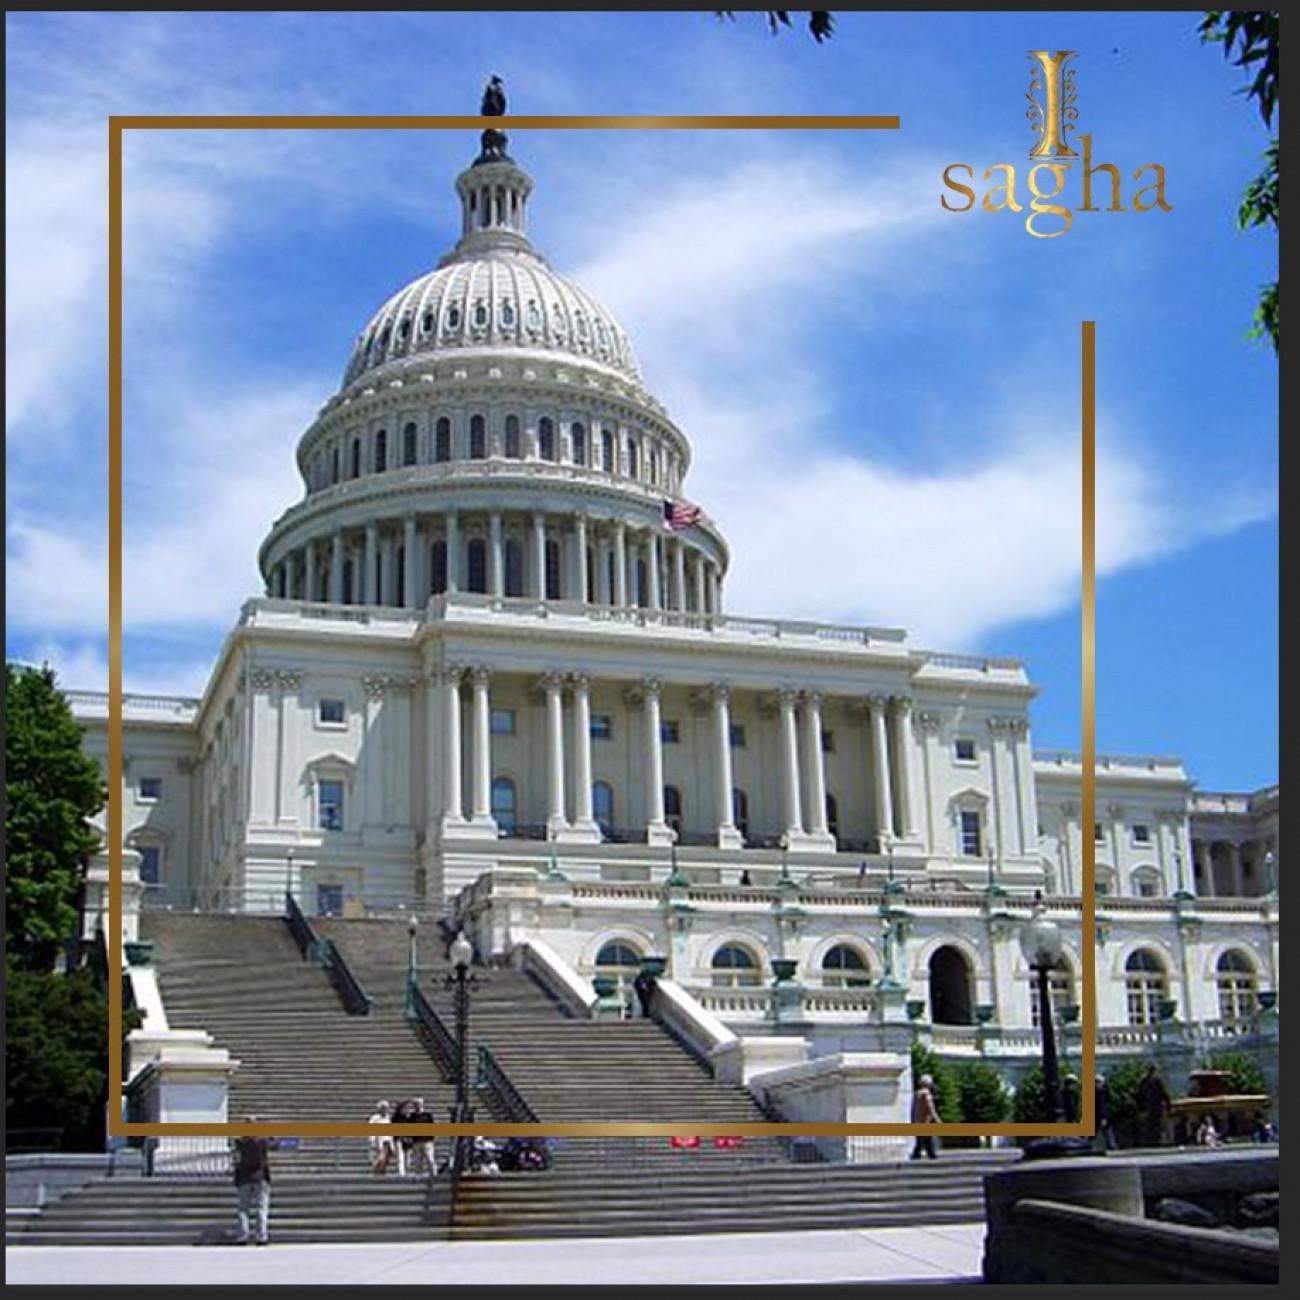 عاجل : الحكومه الأمريكيه مغلقه ... جزئياً